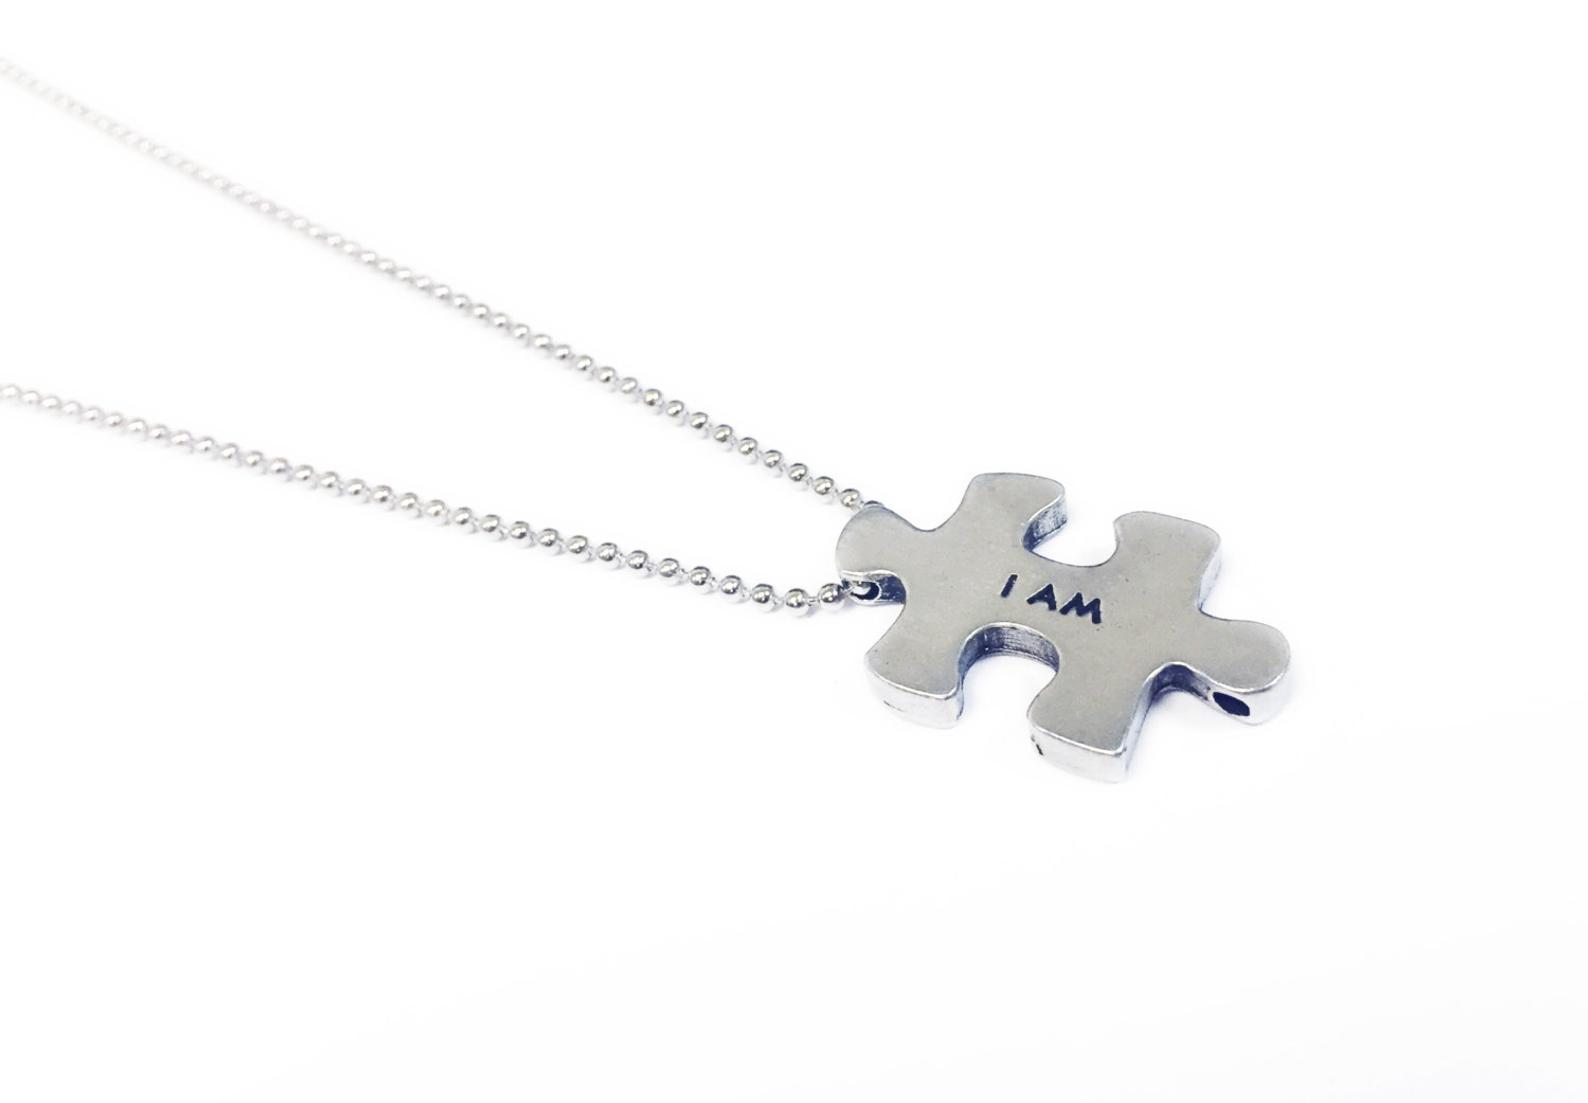 Puzzle Ballchain Necklace